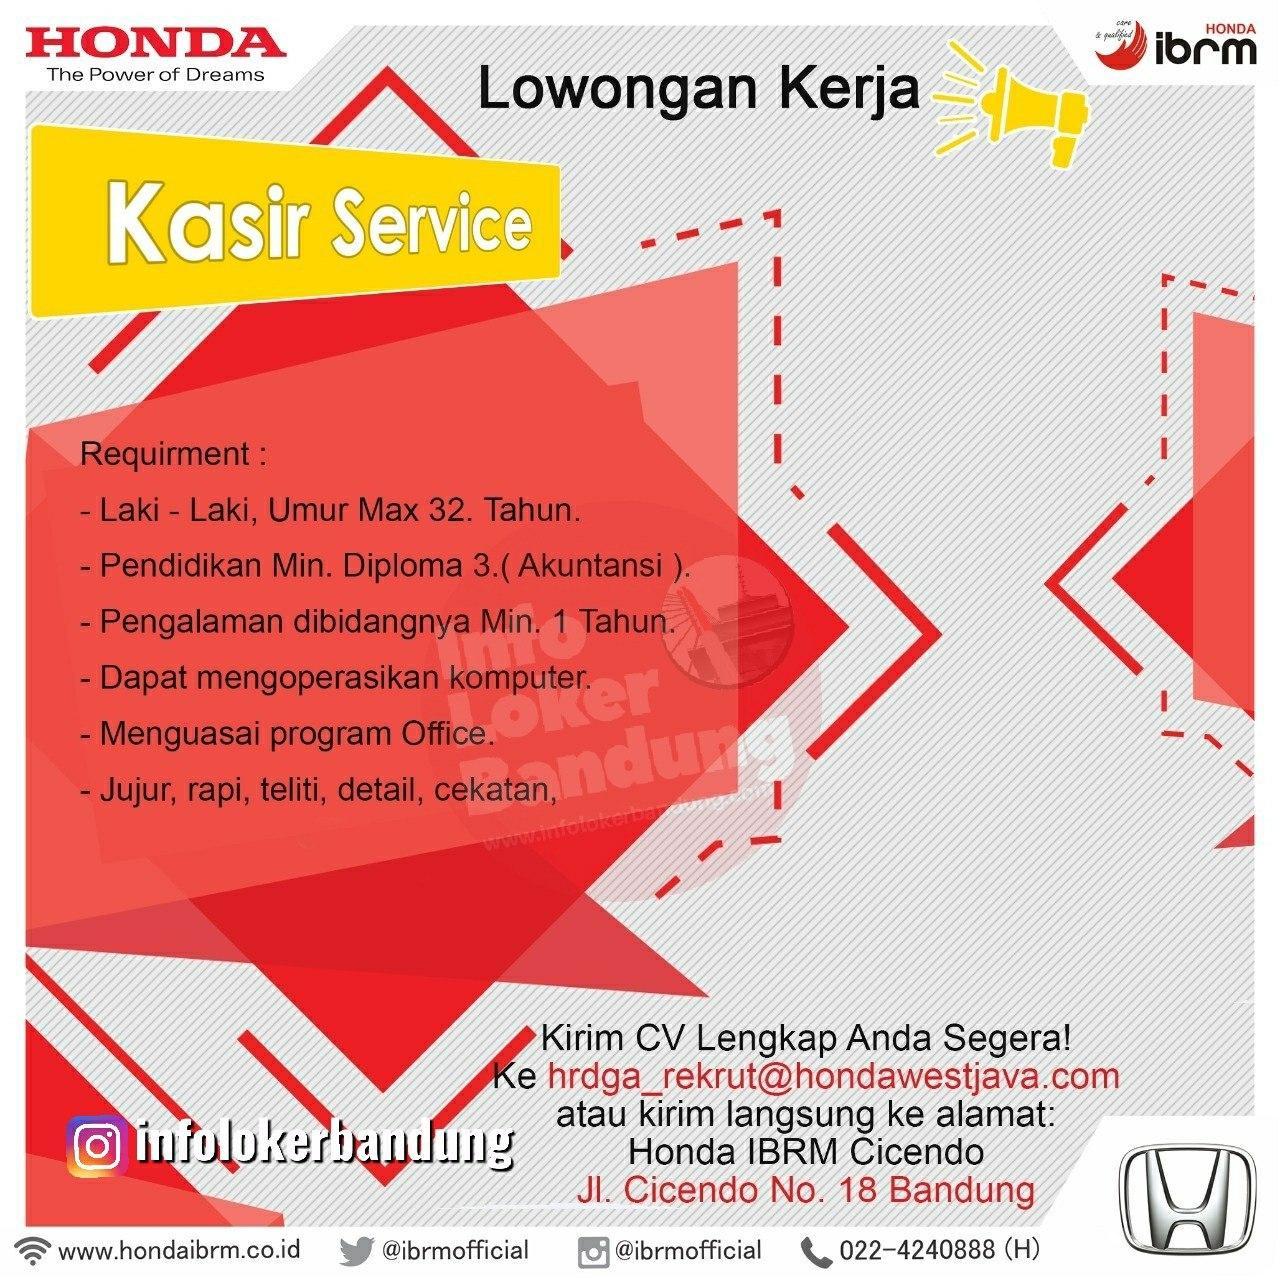 Lowongan Kerja Kasir Service & Sales Consultant Honda IBRM Bandung Februari 2020